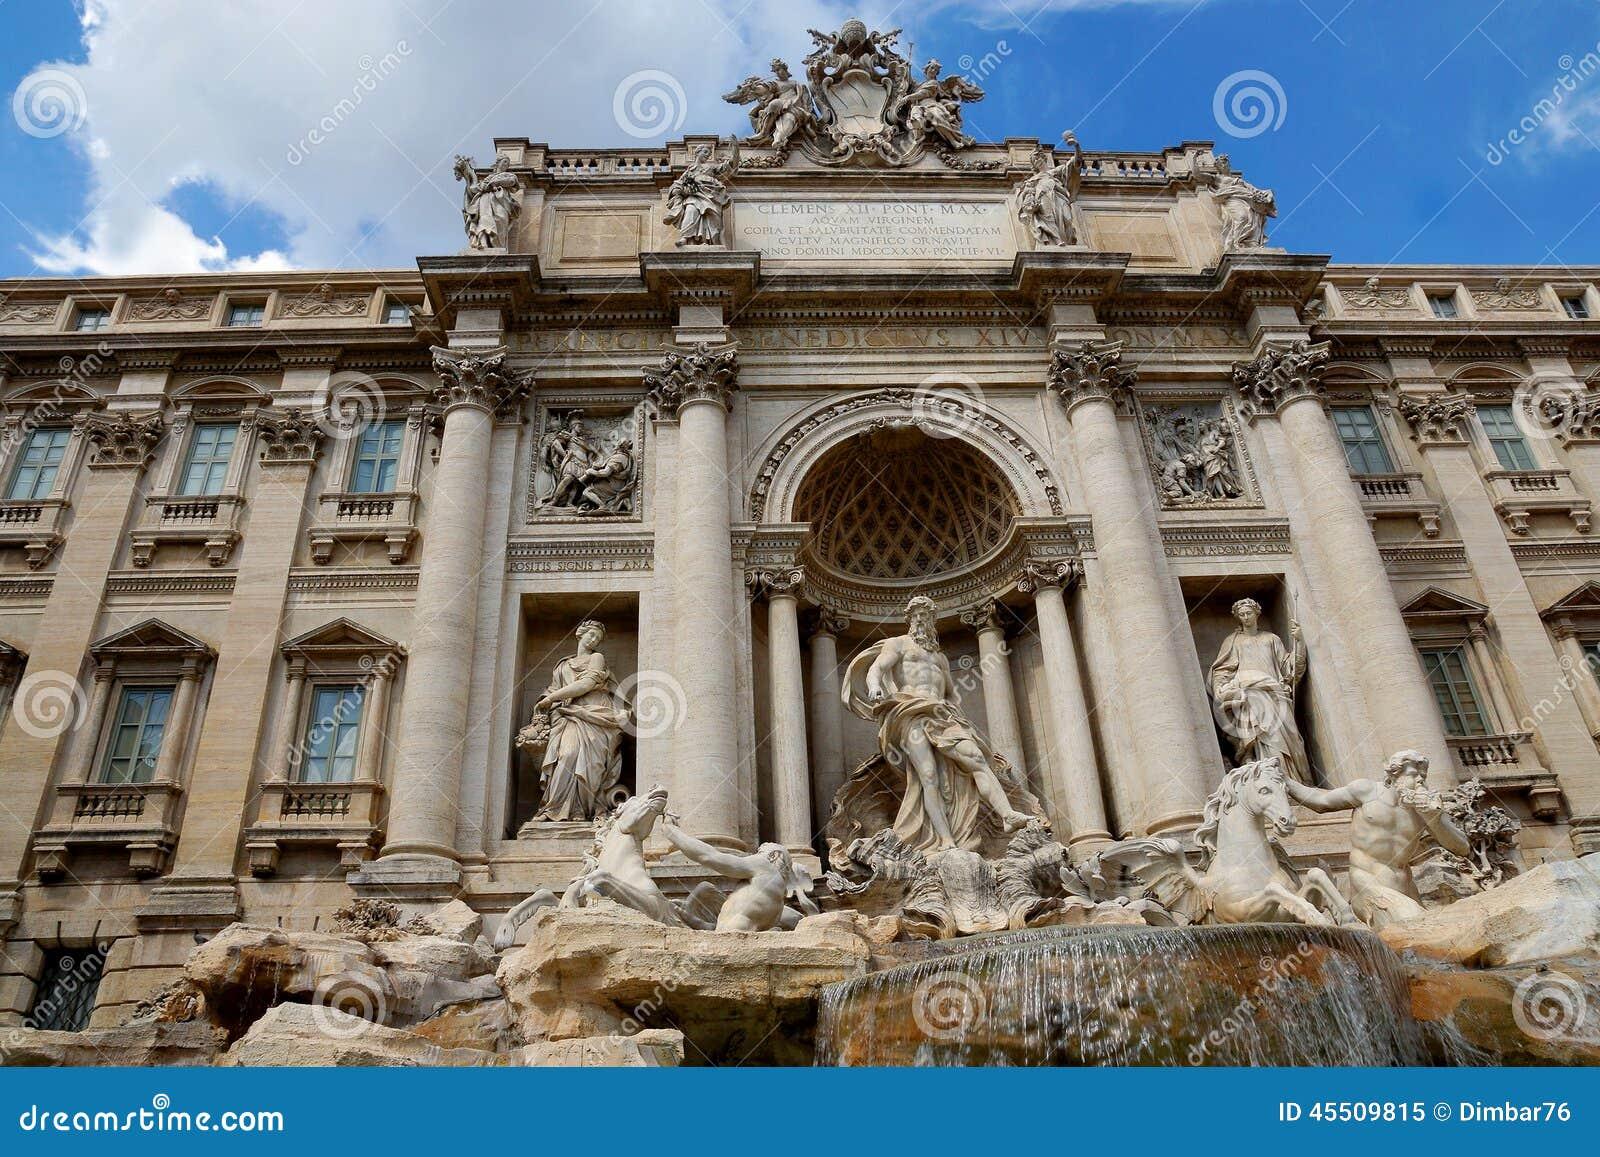 De Trevi Fontanna w Rzym, Włochy